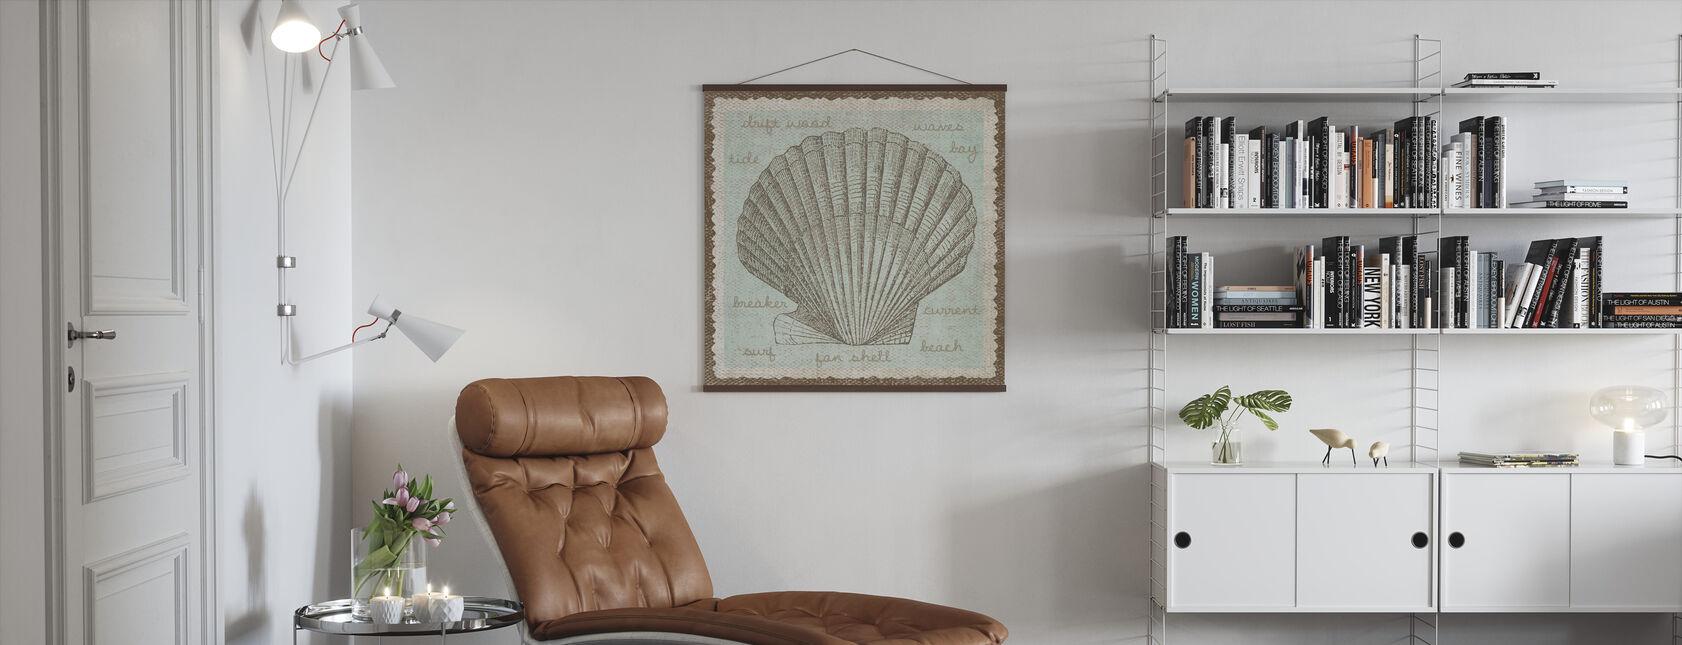 Shell Art - Poster - Living Room